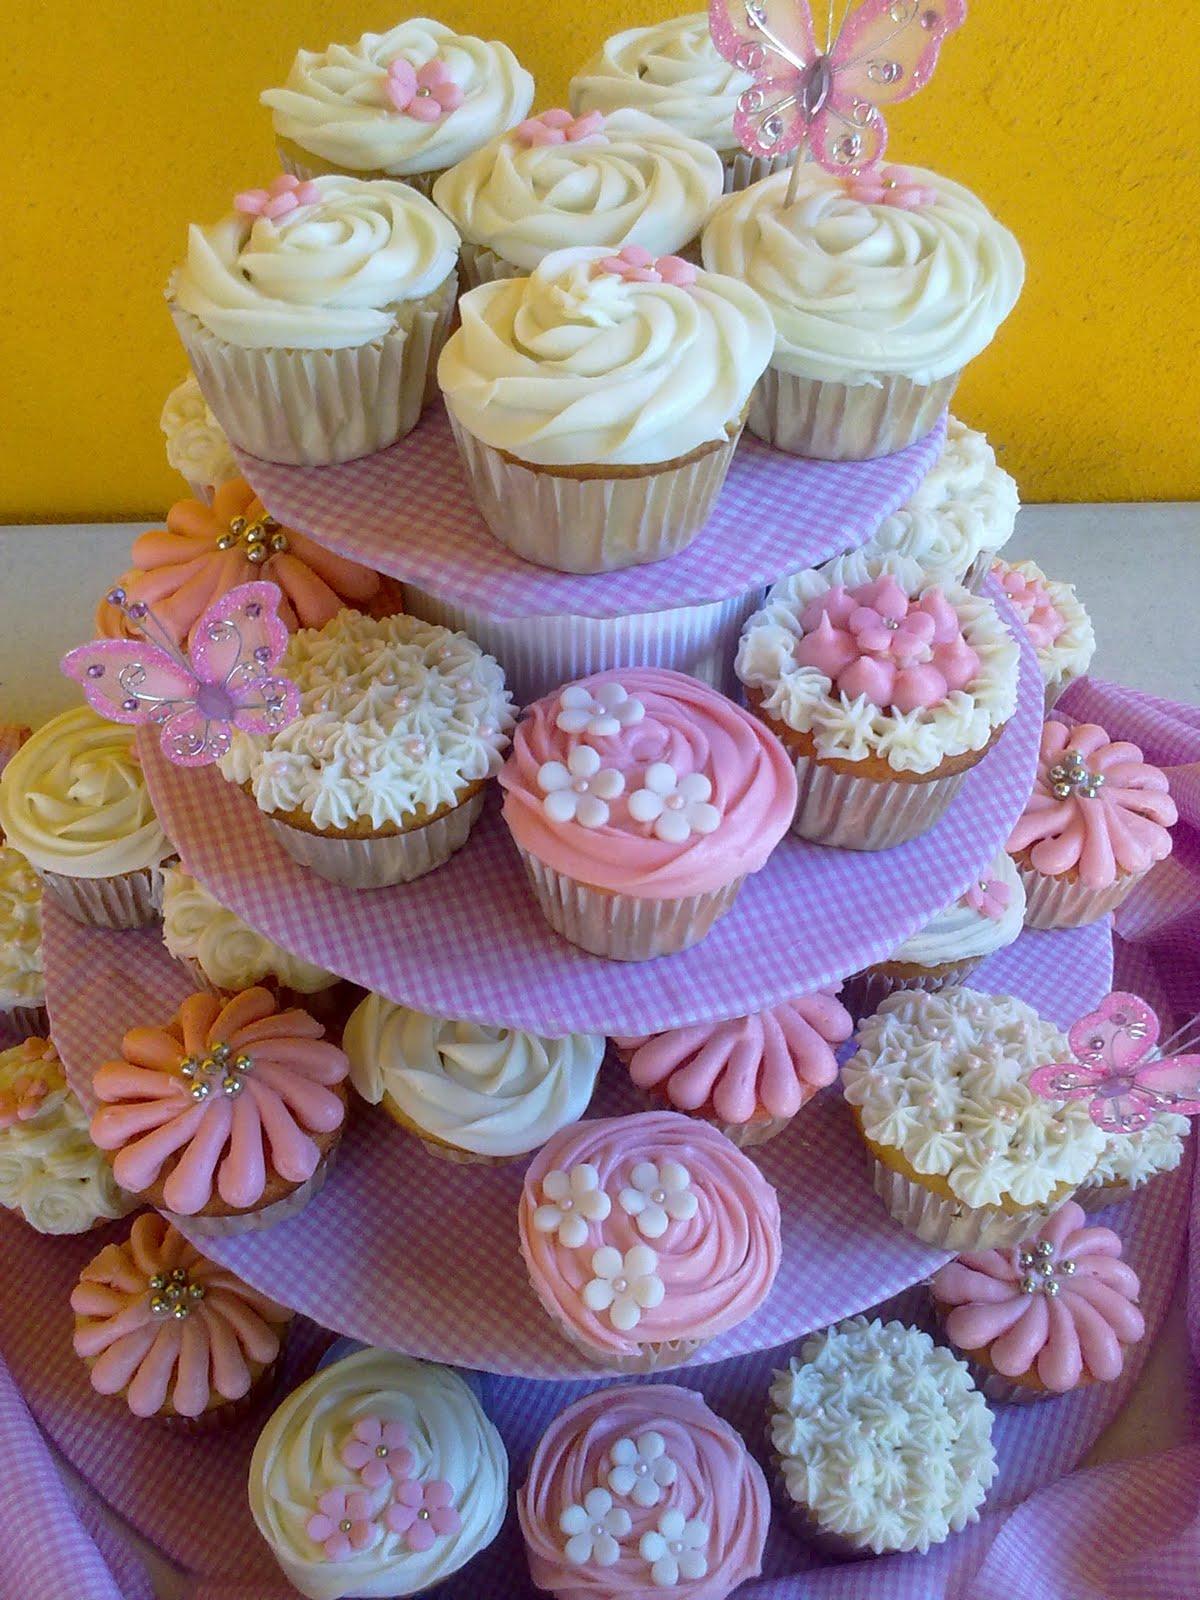 Kchelito 39 s cupcakes bautizo ni a for Decoracion en cupcakes